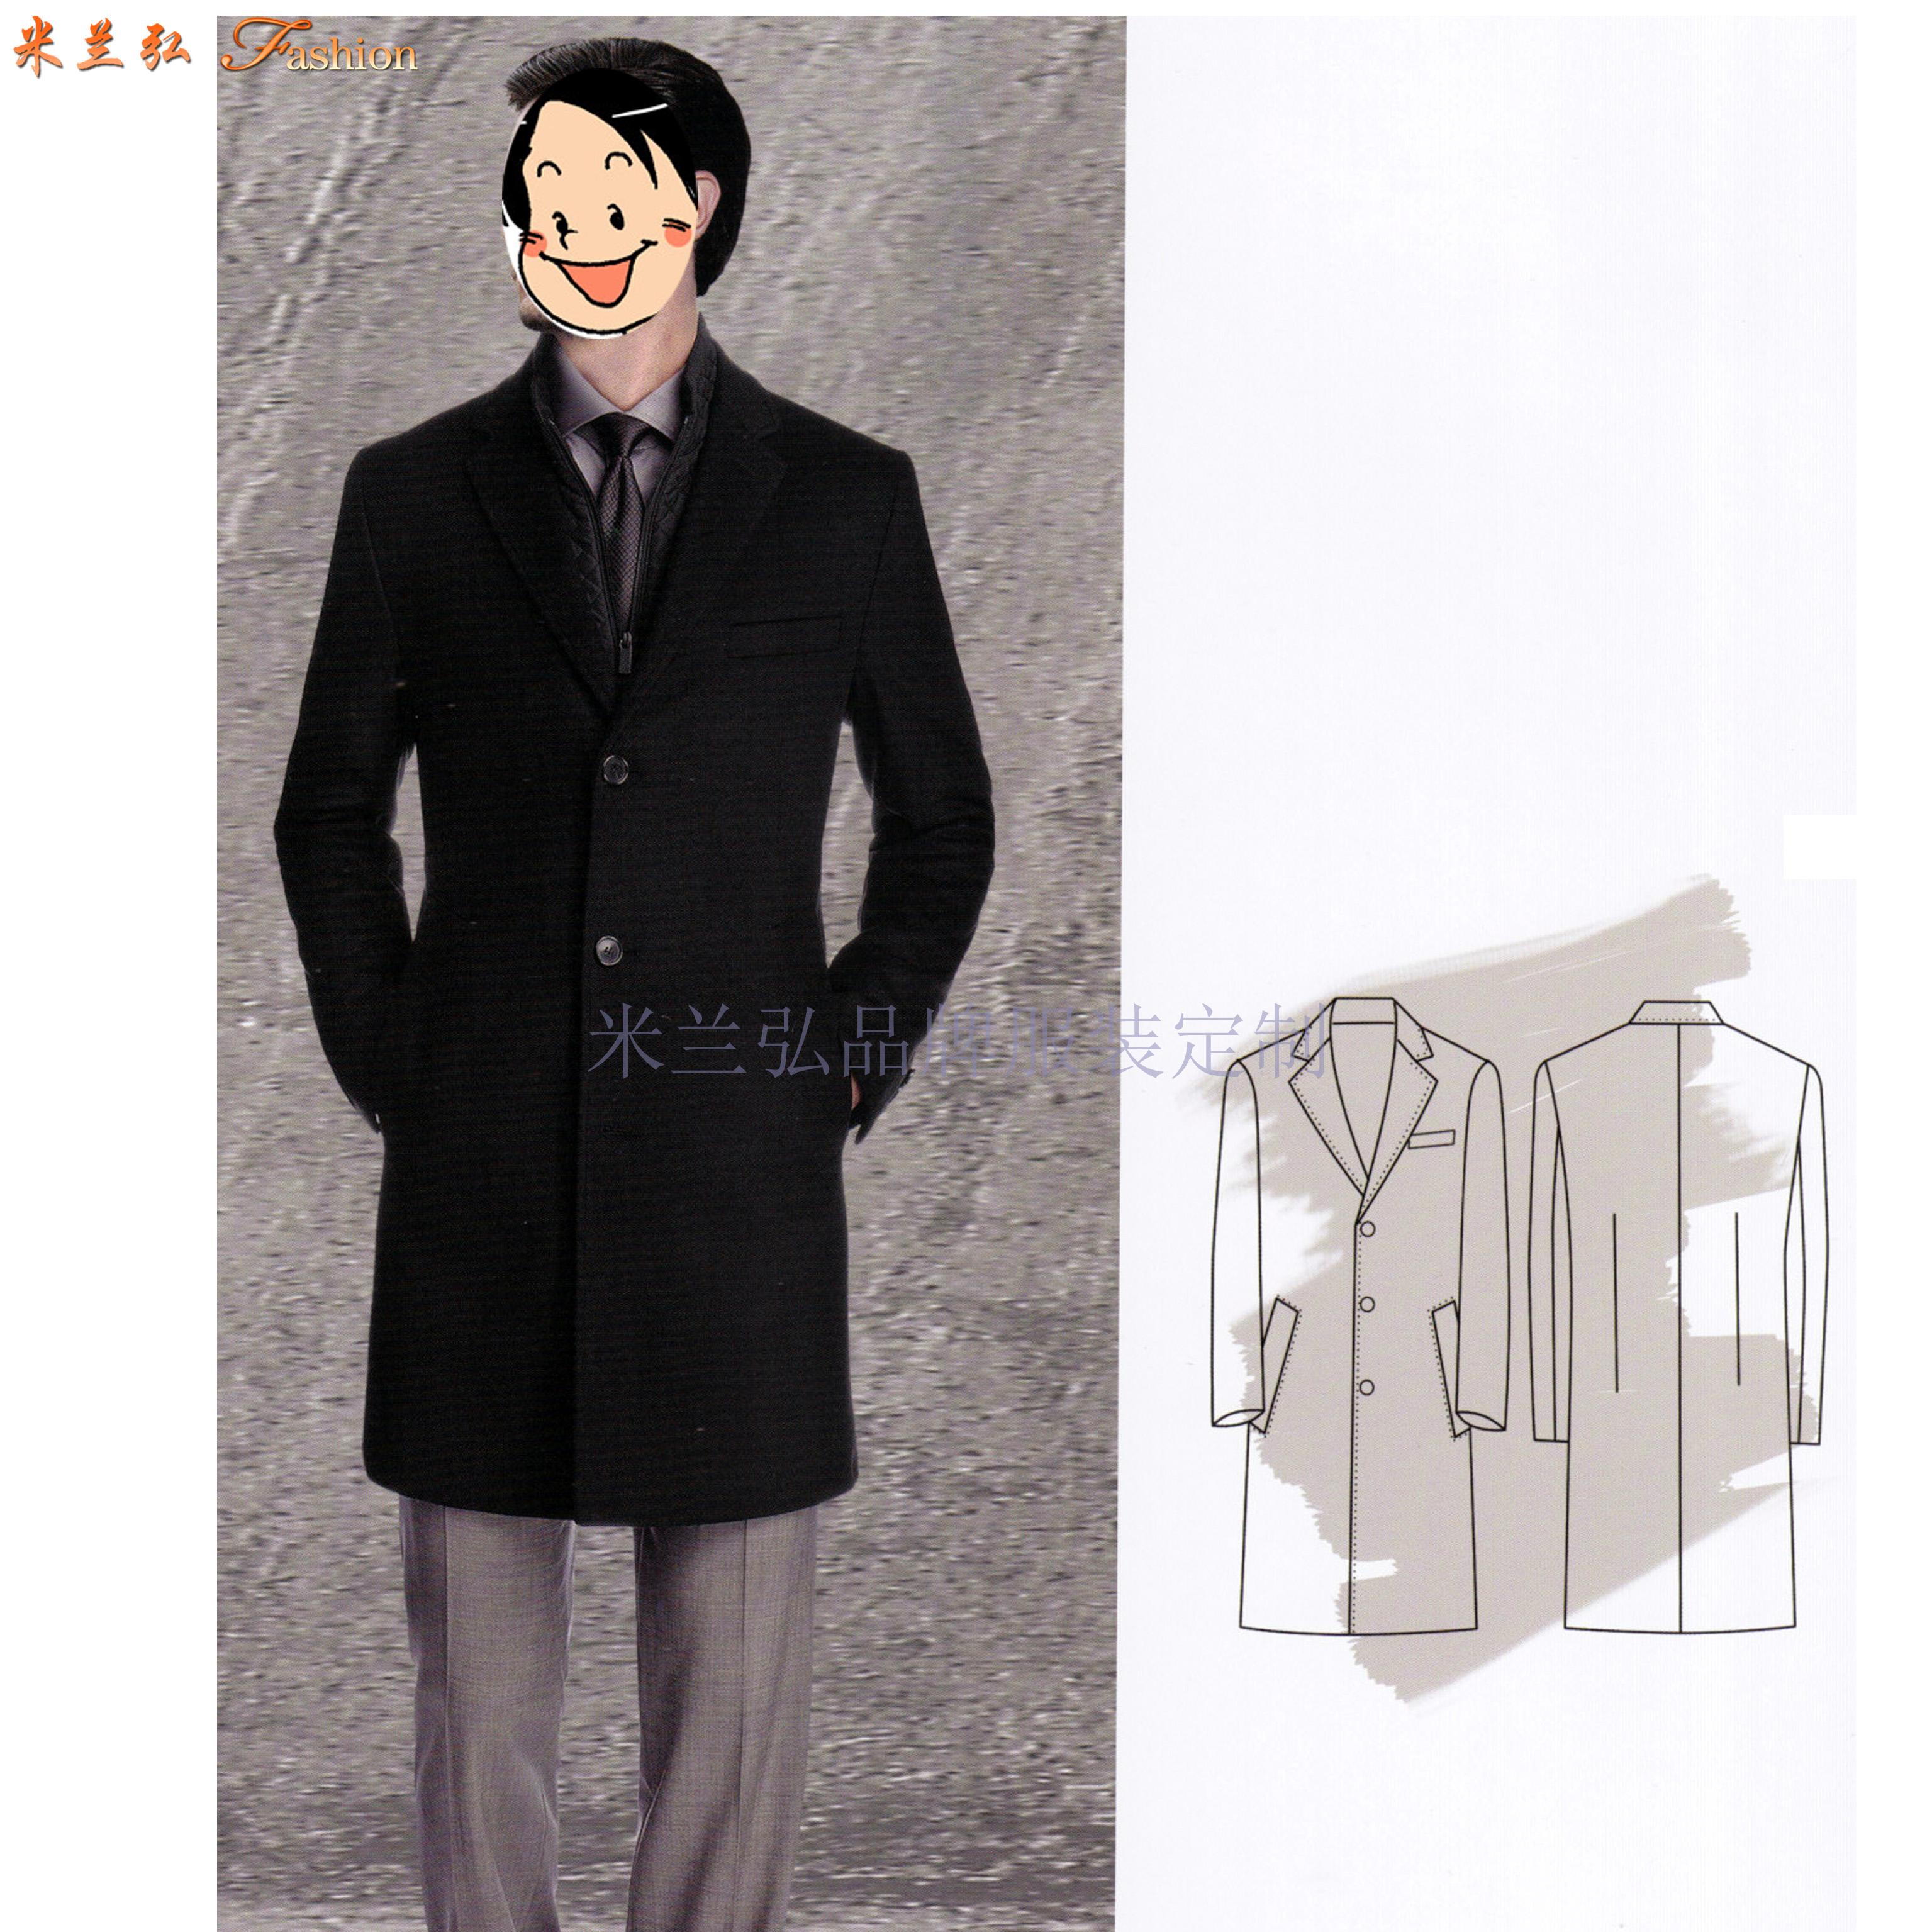 「山東大衣定制」「煙臺市大衣訂做」厚實暖和-米蘭弘服裝-5